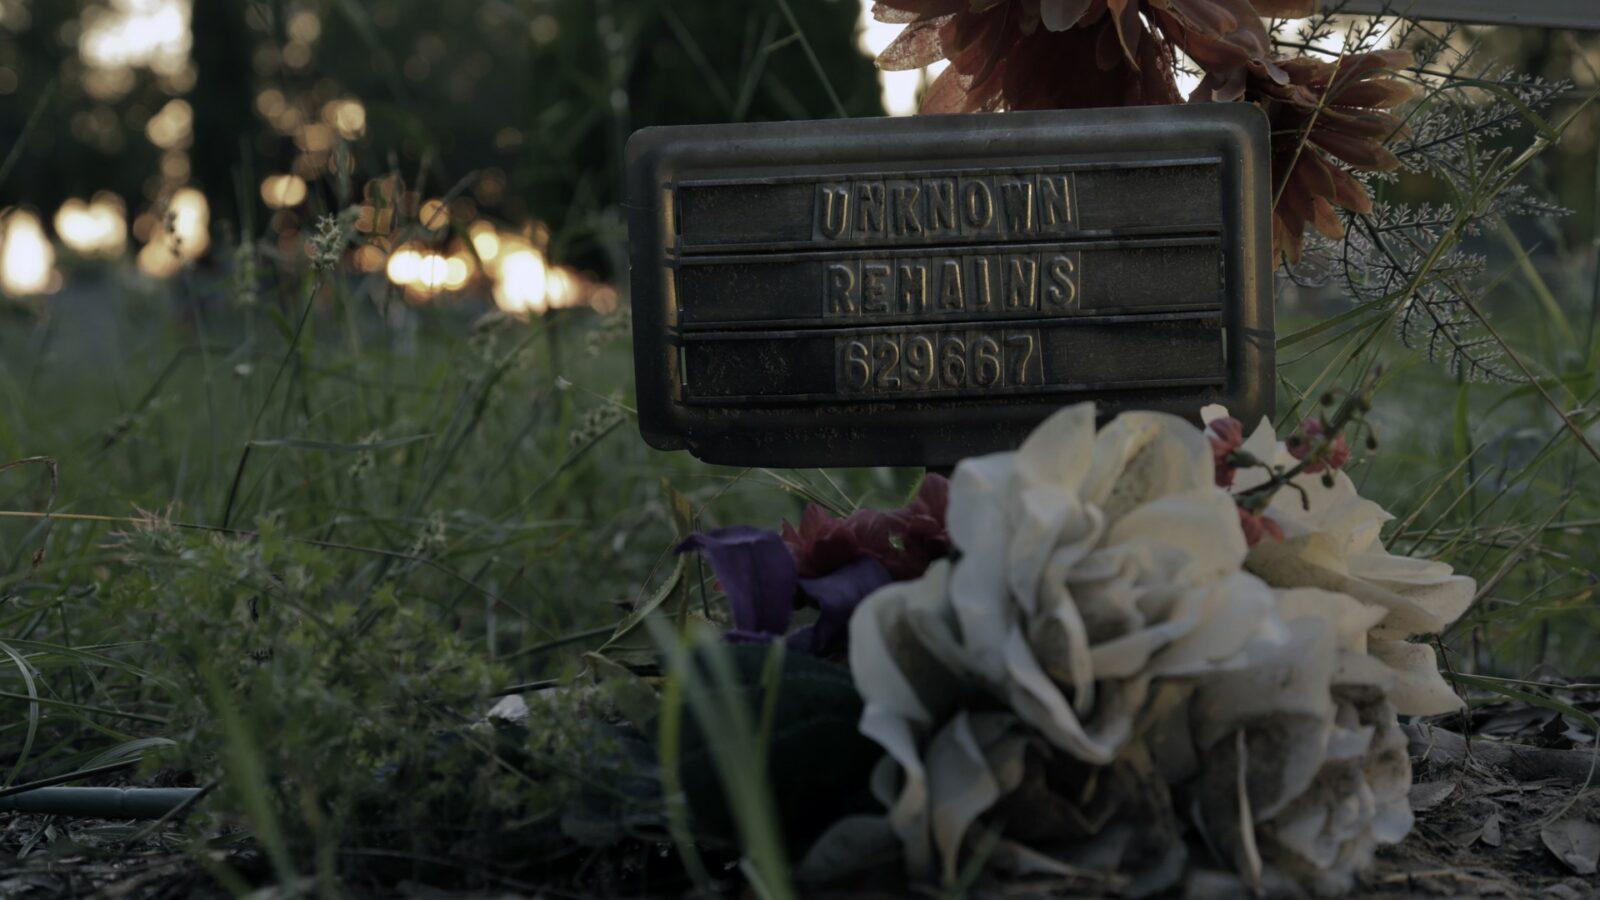 A grave?